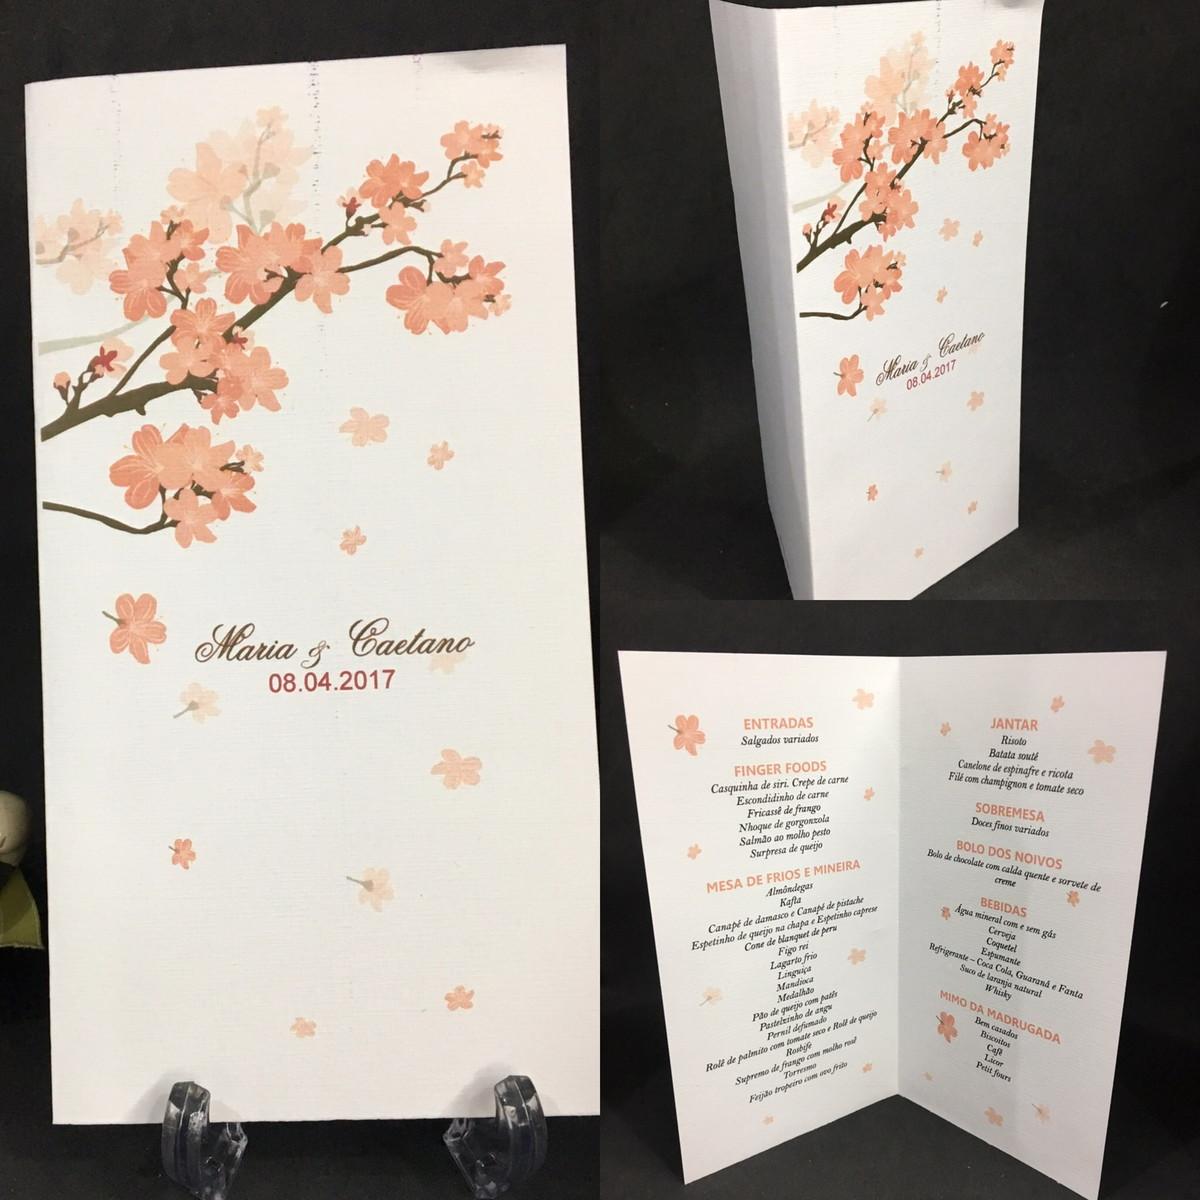 Menu personalizados flores v no elo7 blog da moderna 8cb3a8 zoom menu personalizados flores v stopboris Image collections